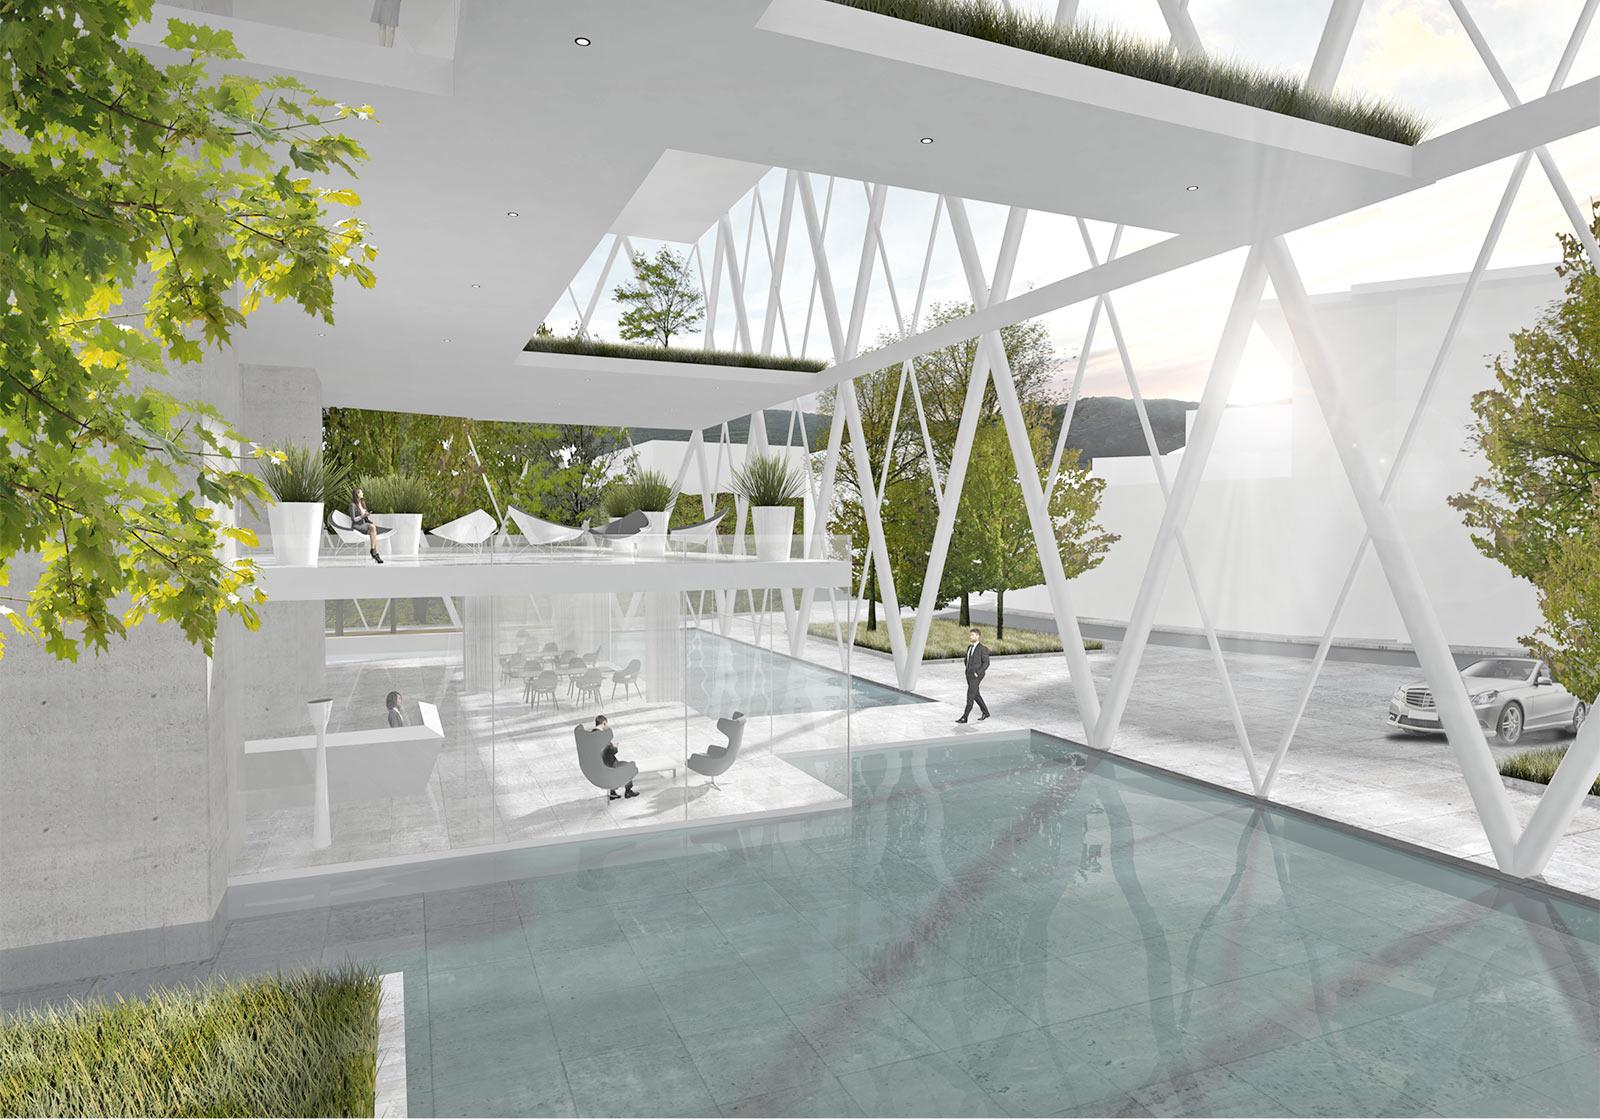 Благодаря открытому пространству и зеленым островкам у сотрудников появится место для отдыха и возможность работать в озелененном офисе. Визуализация: ATP